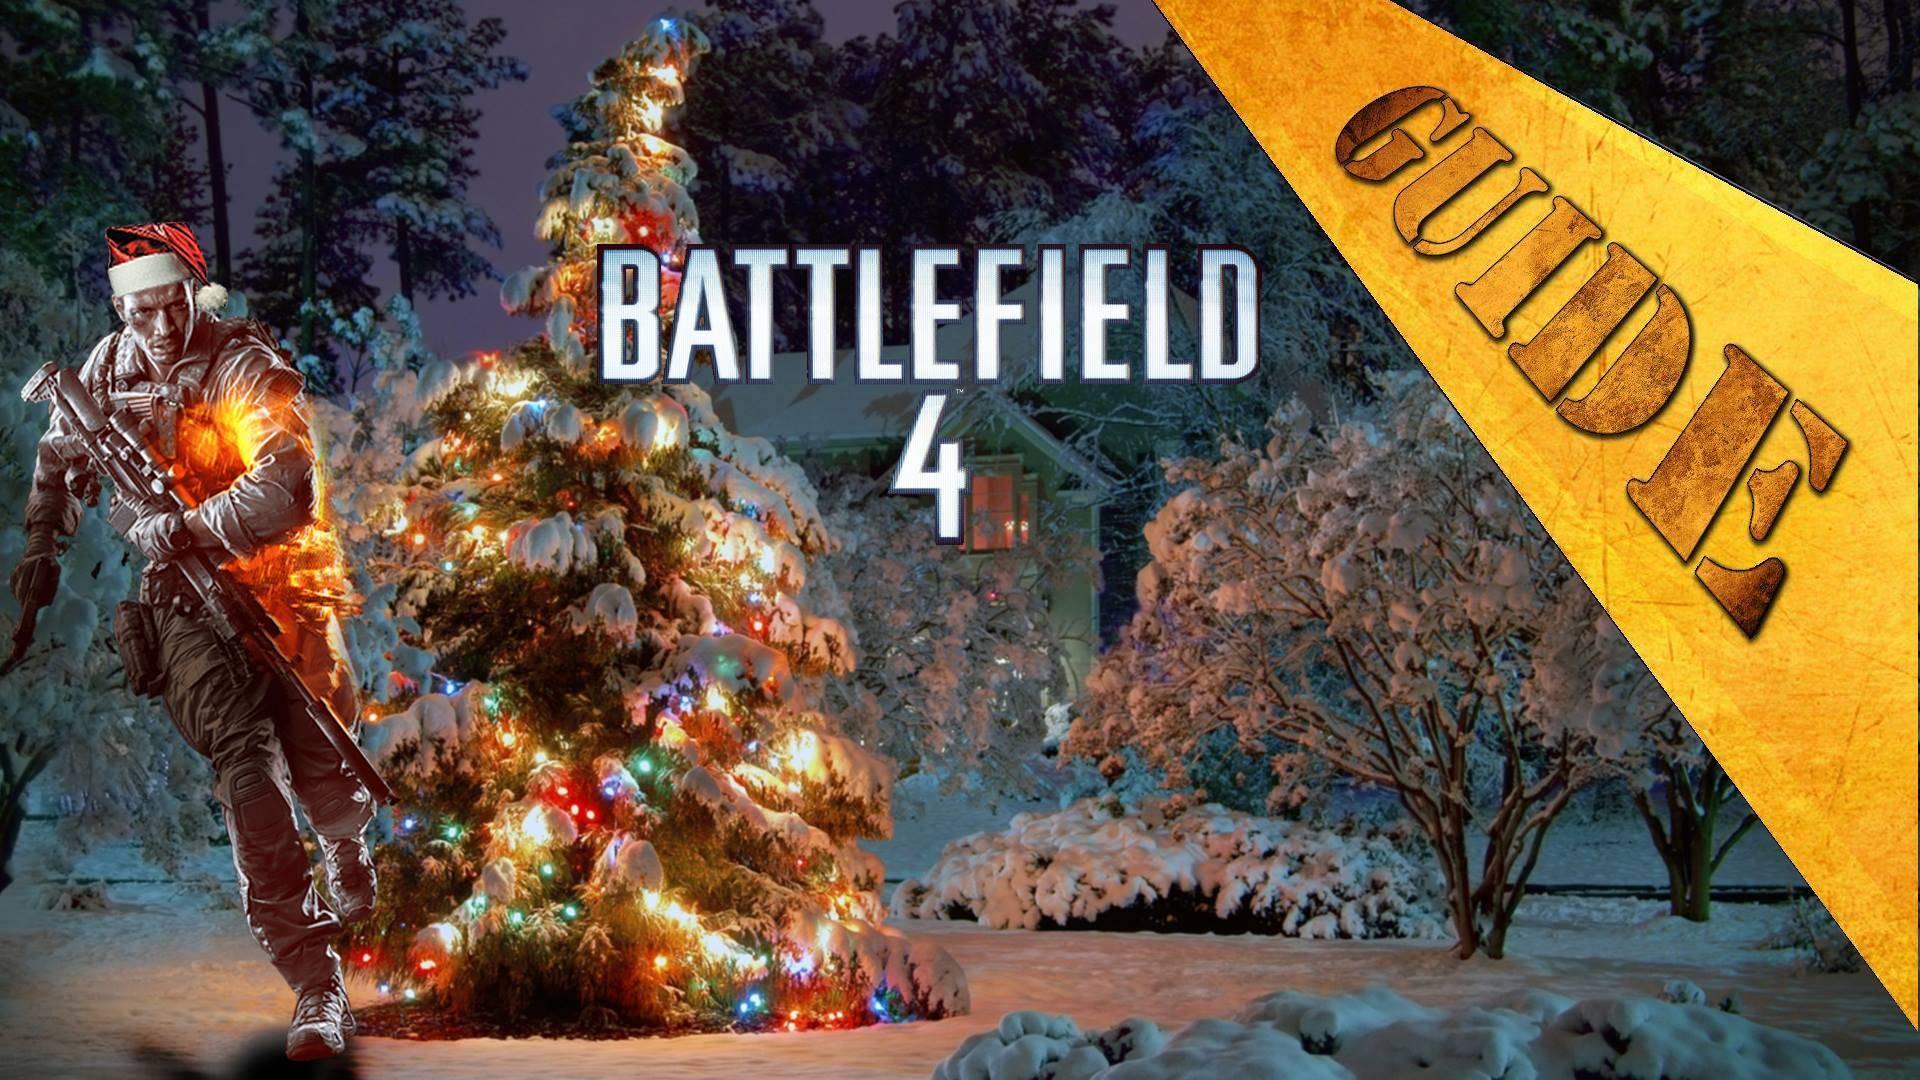 Battlefield 4 Guide Weihnachten 2 - Shooter-sZene